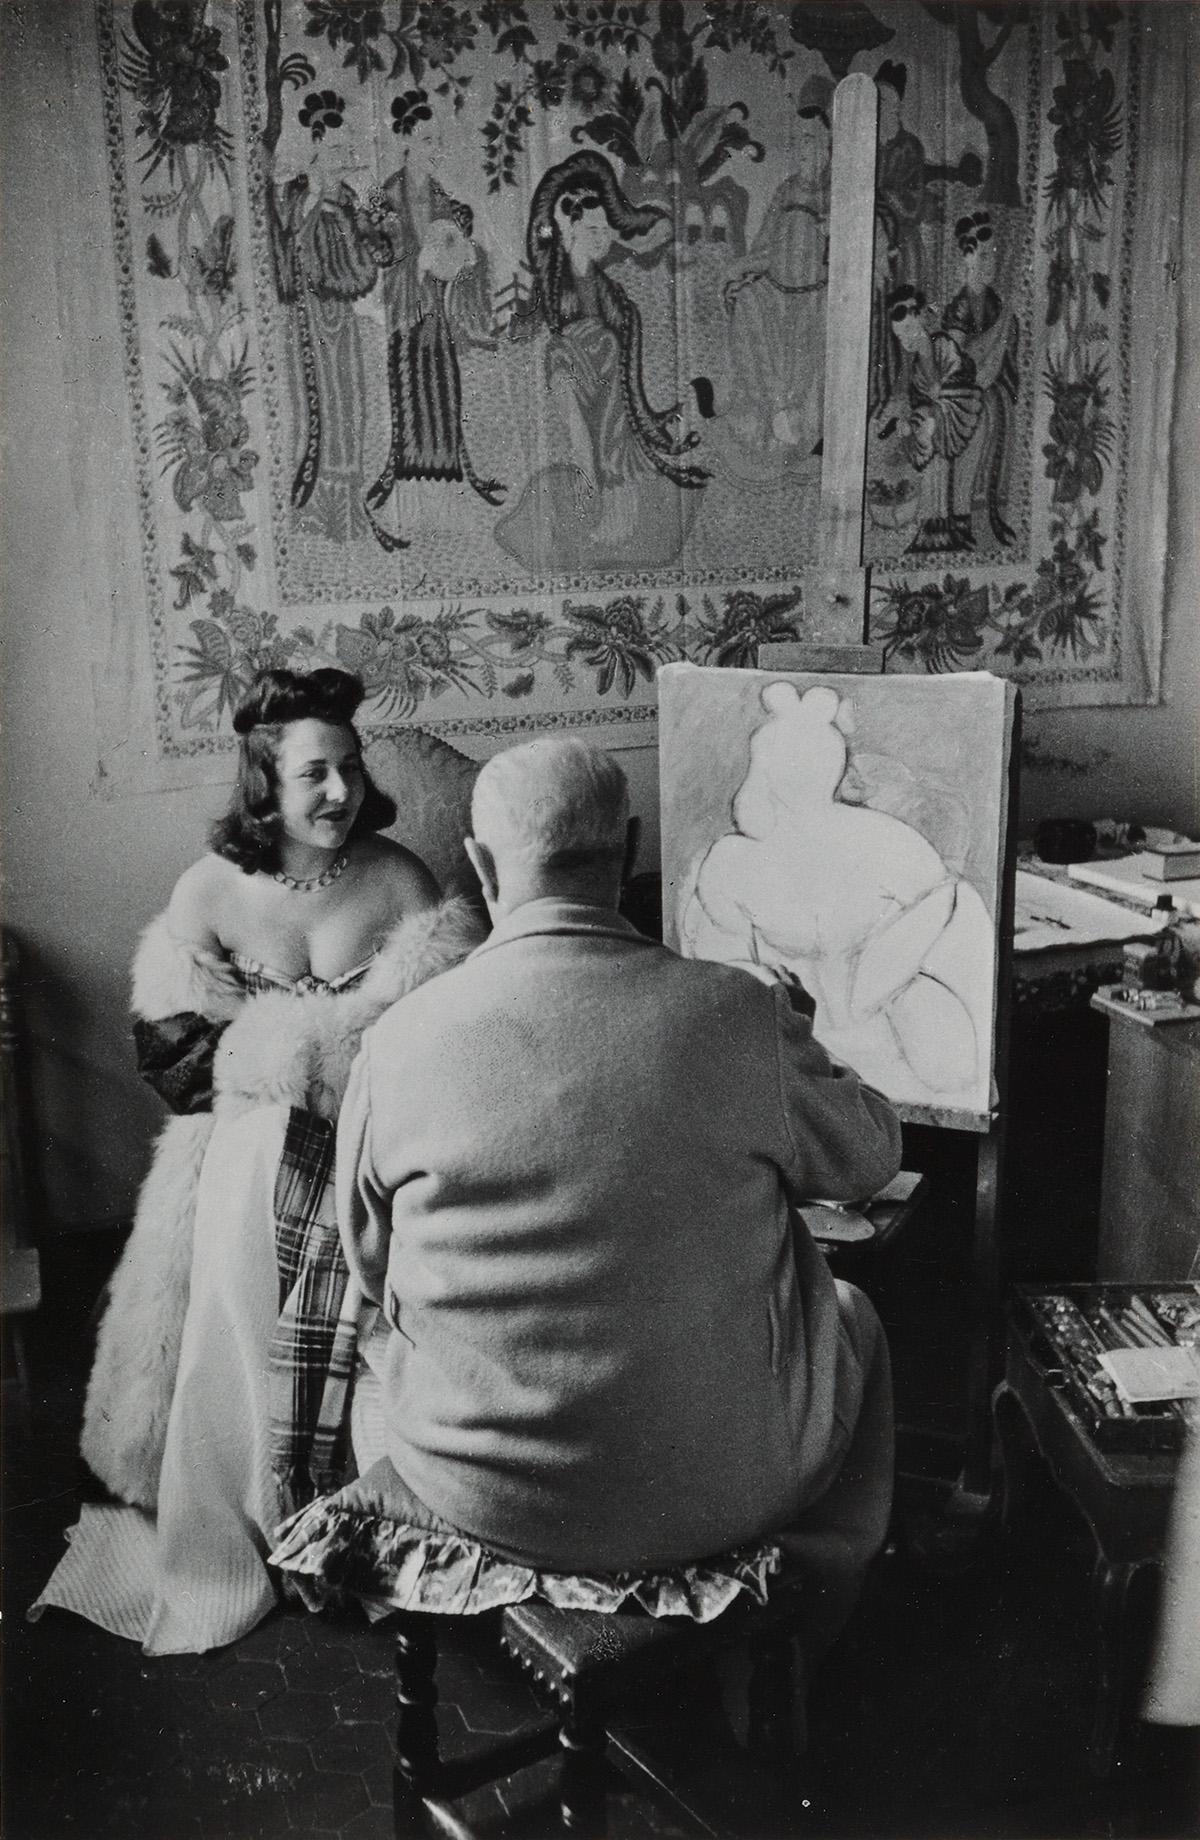 HENRI-CARTIER-BRESSON-(1908-2004)-Henri-Matisse-and-model-Ve